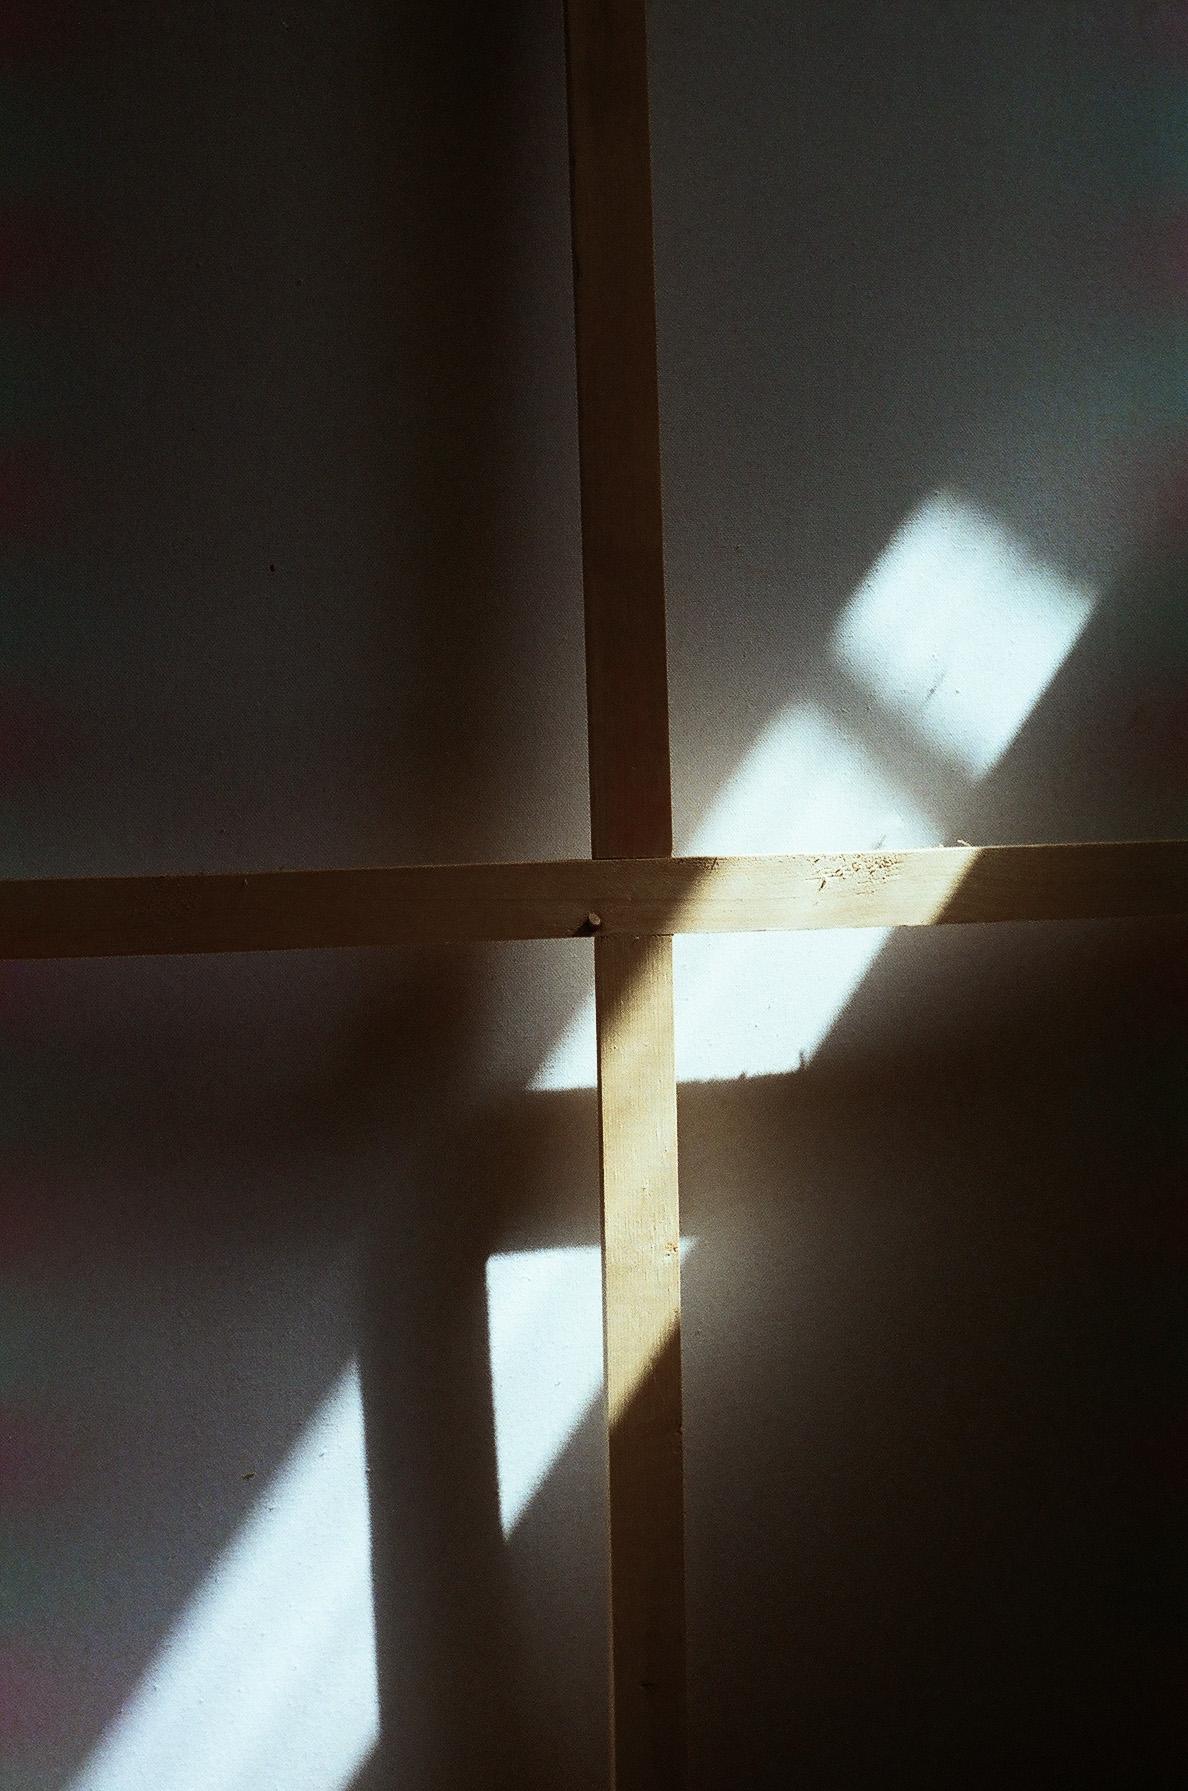 Zdjęcie przedstawia fragment obrazu, widzimy skrzyżowane deski i płótno oświetlone słonecznym światłem.